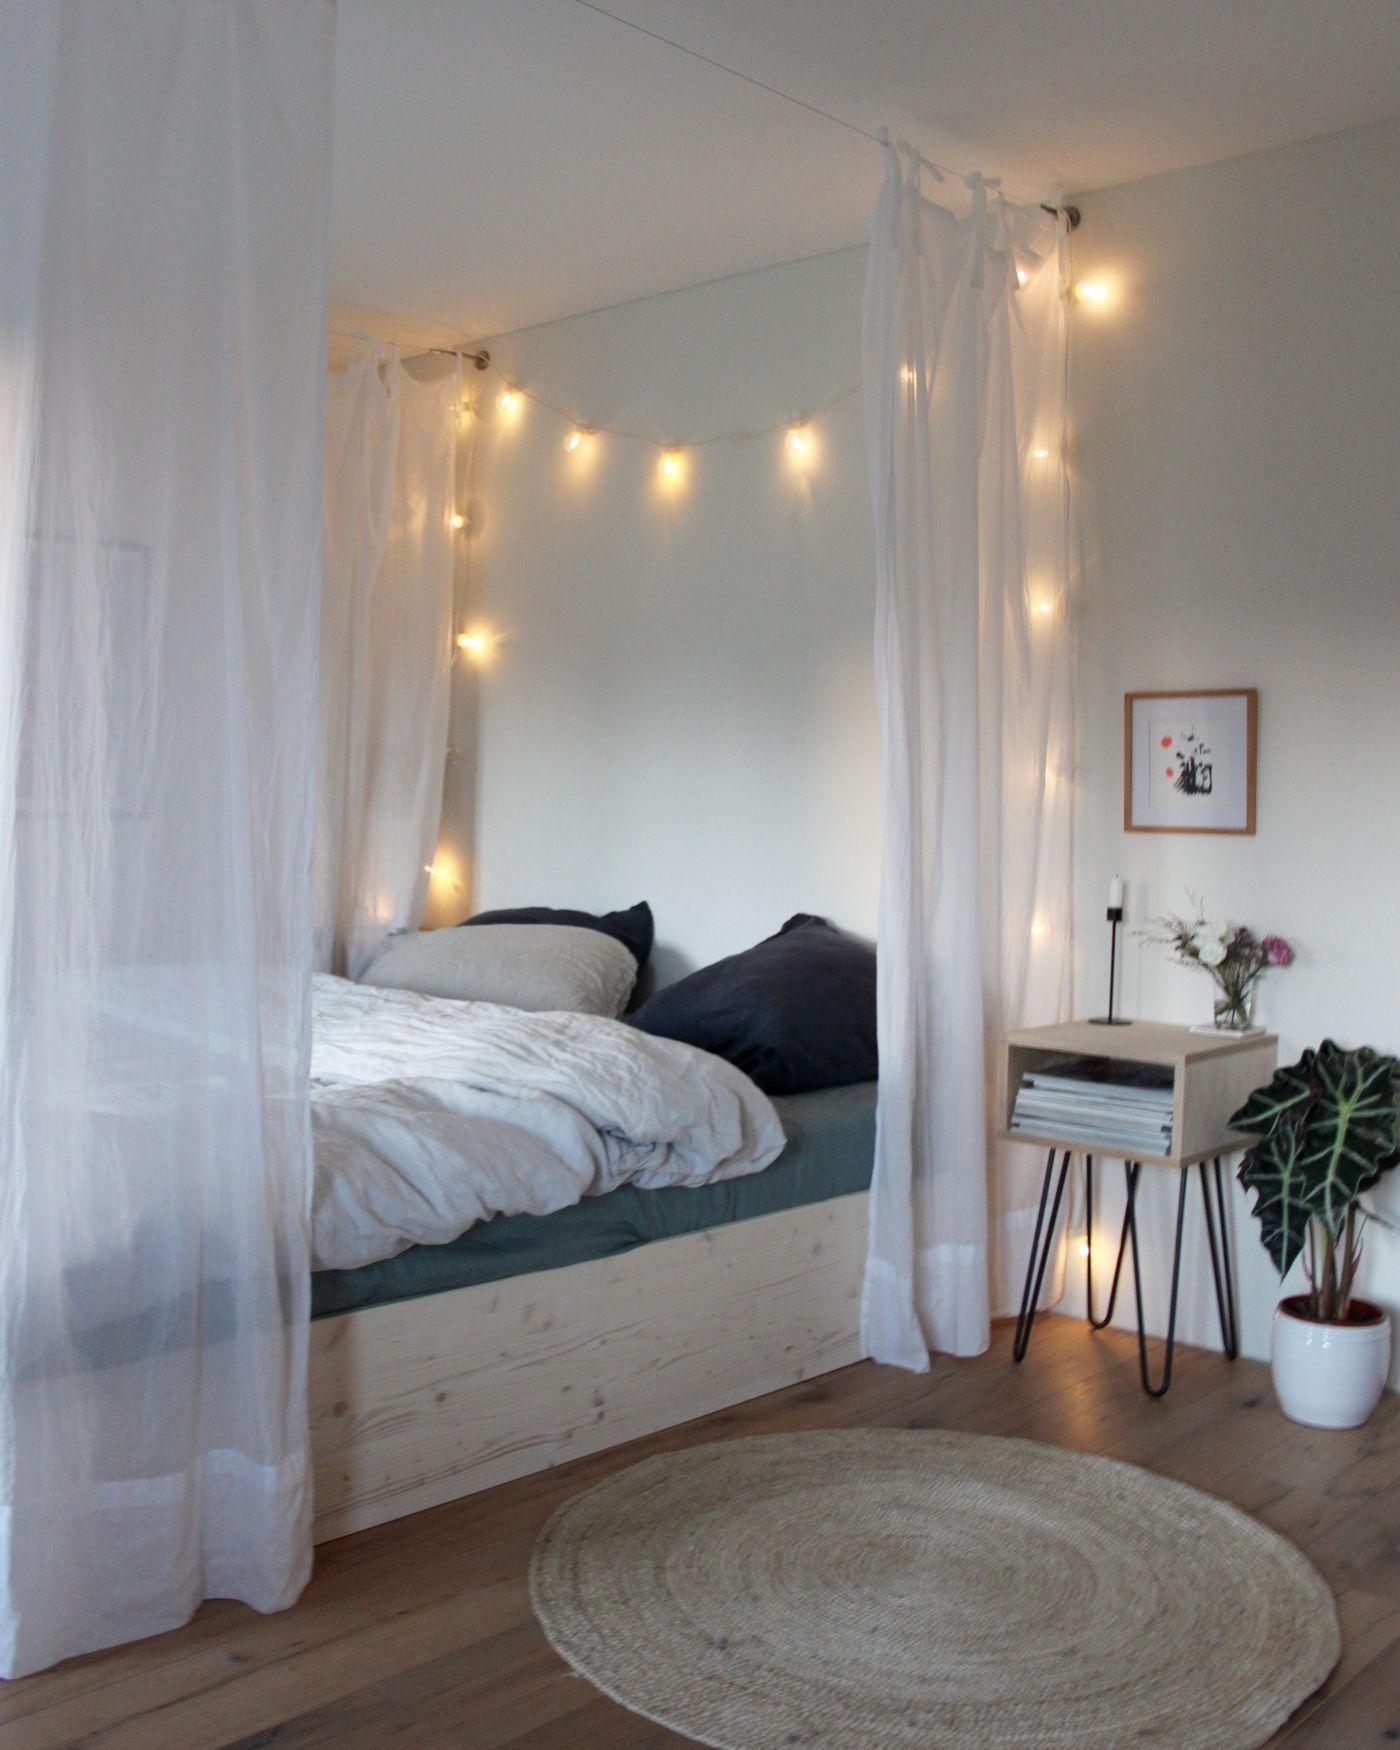 Full Size of Palettenbett Ikea Betten Selber Bauen Besten Ideen Und Tipps Miniküche Küche Kosten Bei 160x200 Sofa Mit Schlaffunktion Modulküche Kaufen Wohnzimmer Palettenbett Ikea